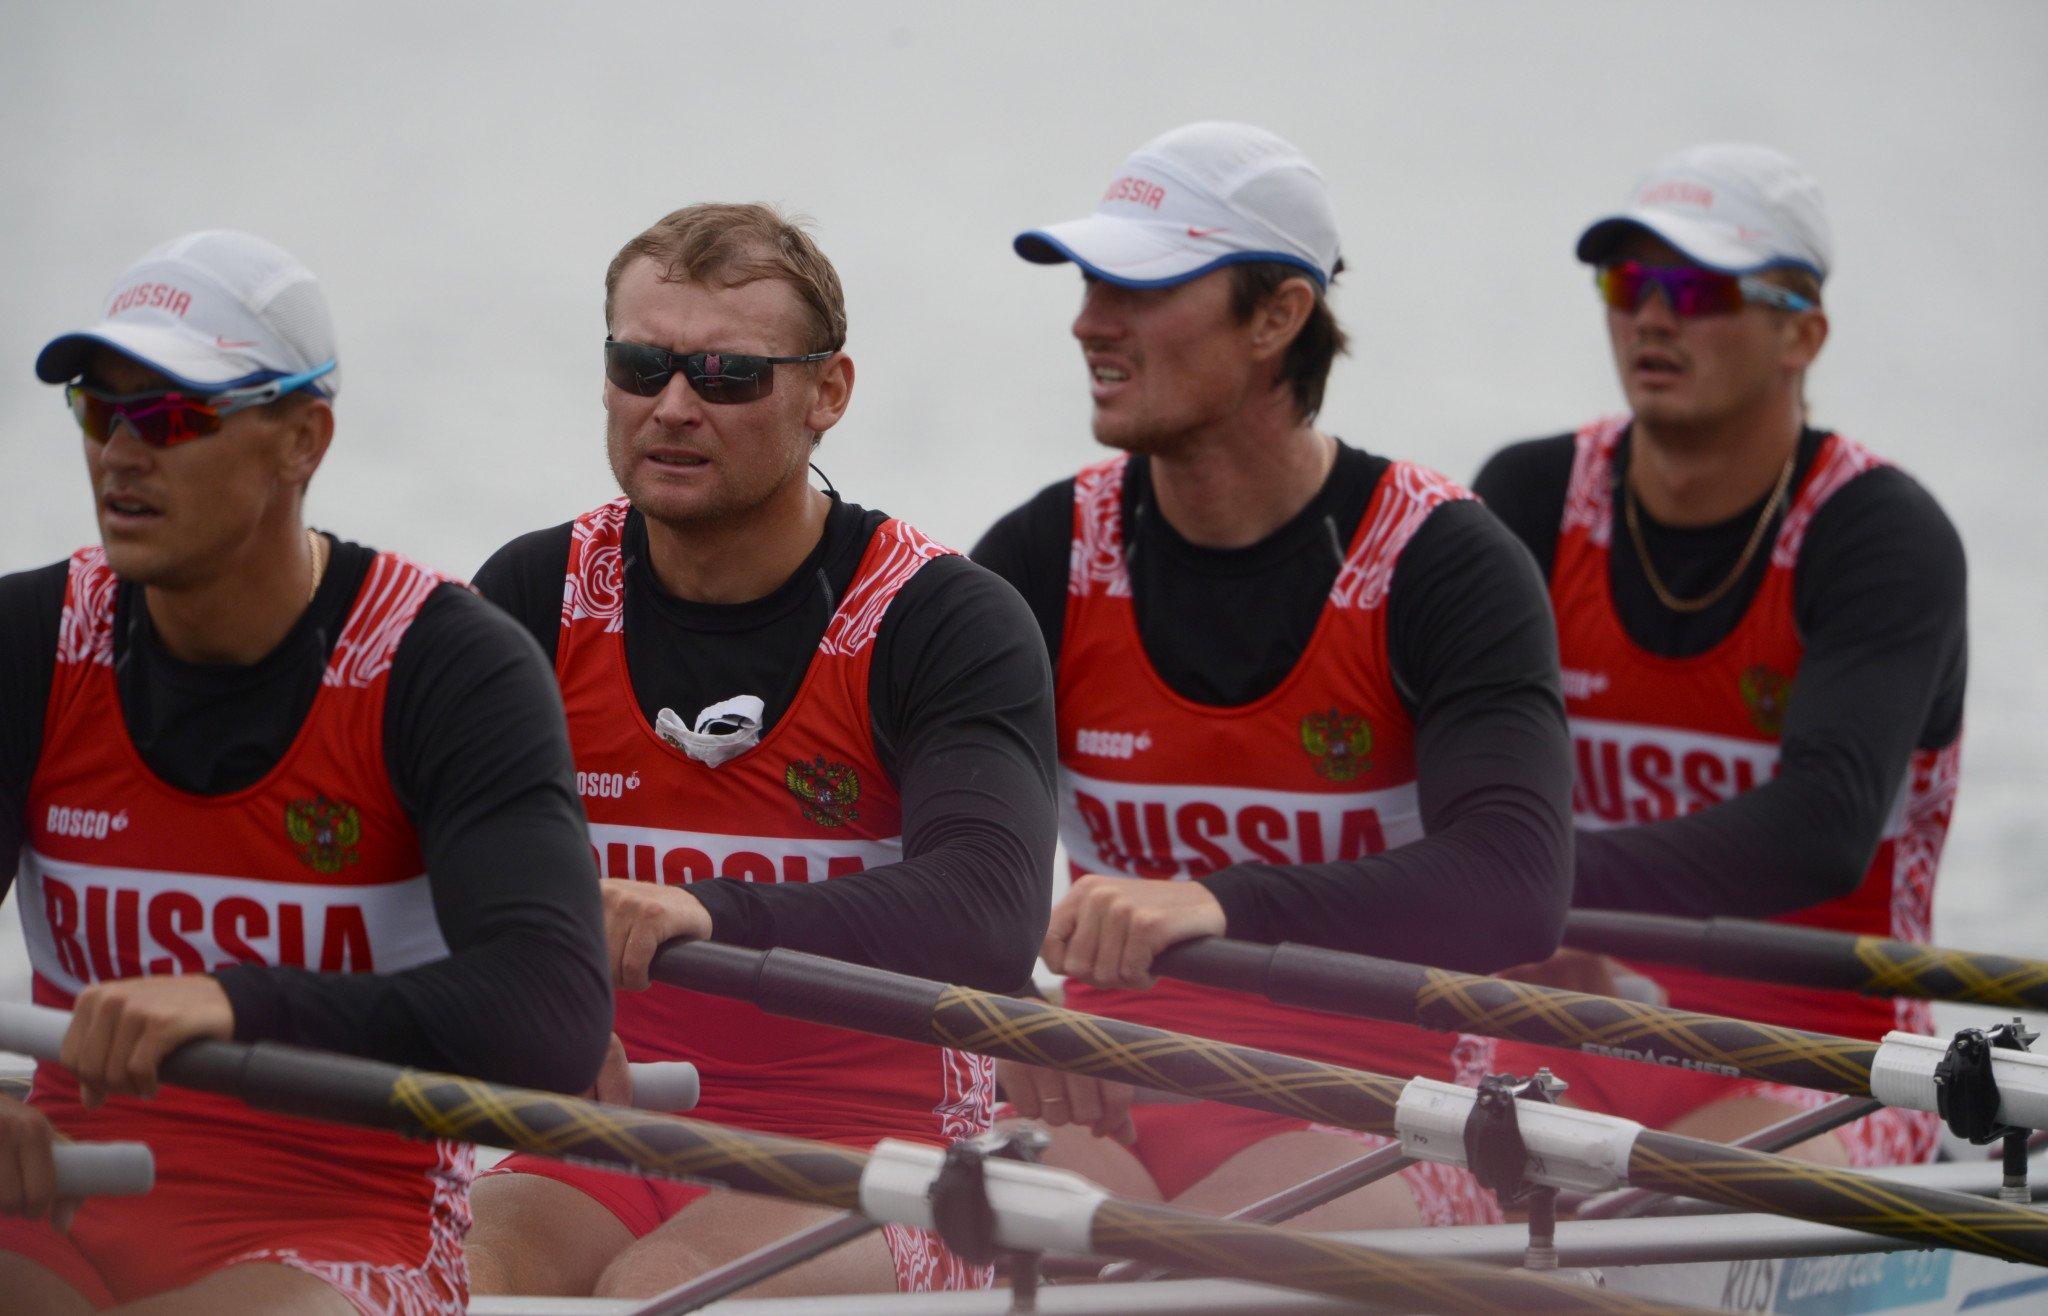 Federación de Remo de Rusia detiene a dos atletas de Tokio 2020 por pruebas de dopaje positivas